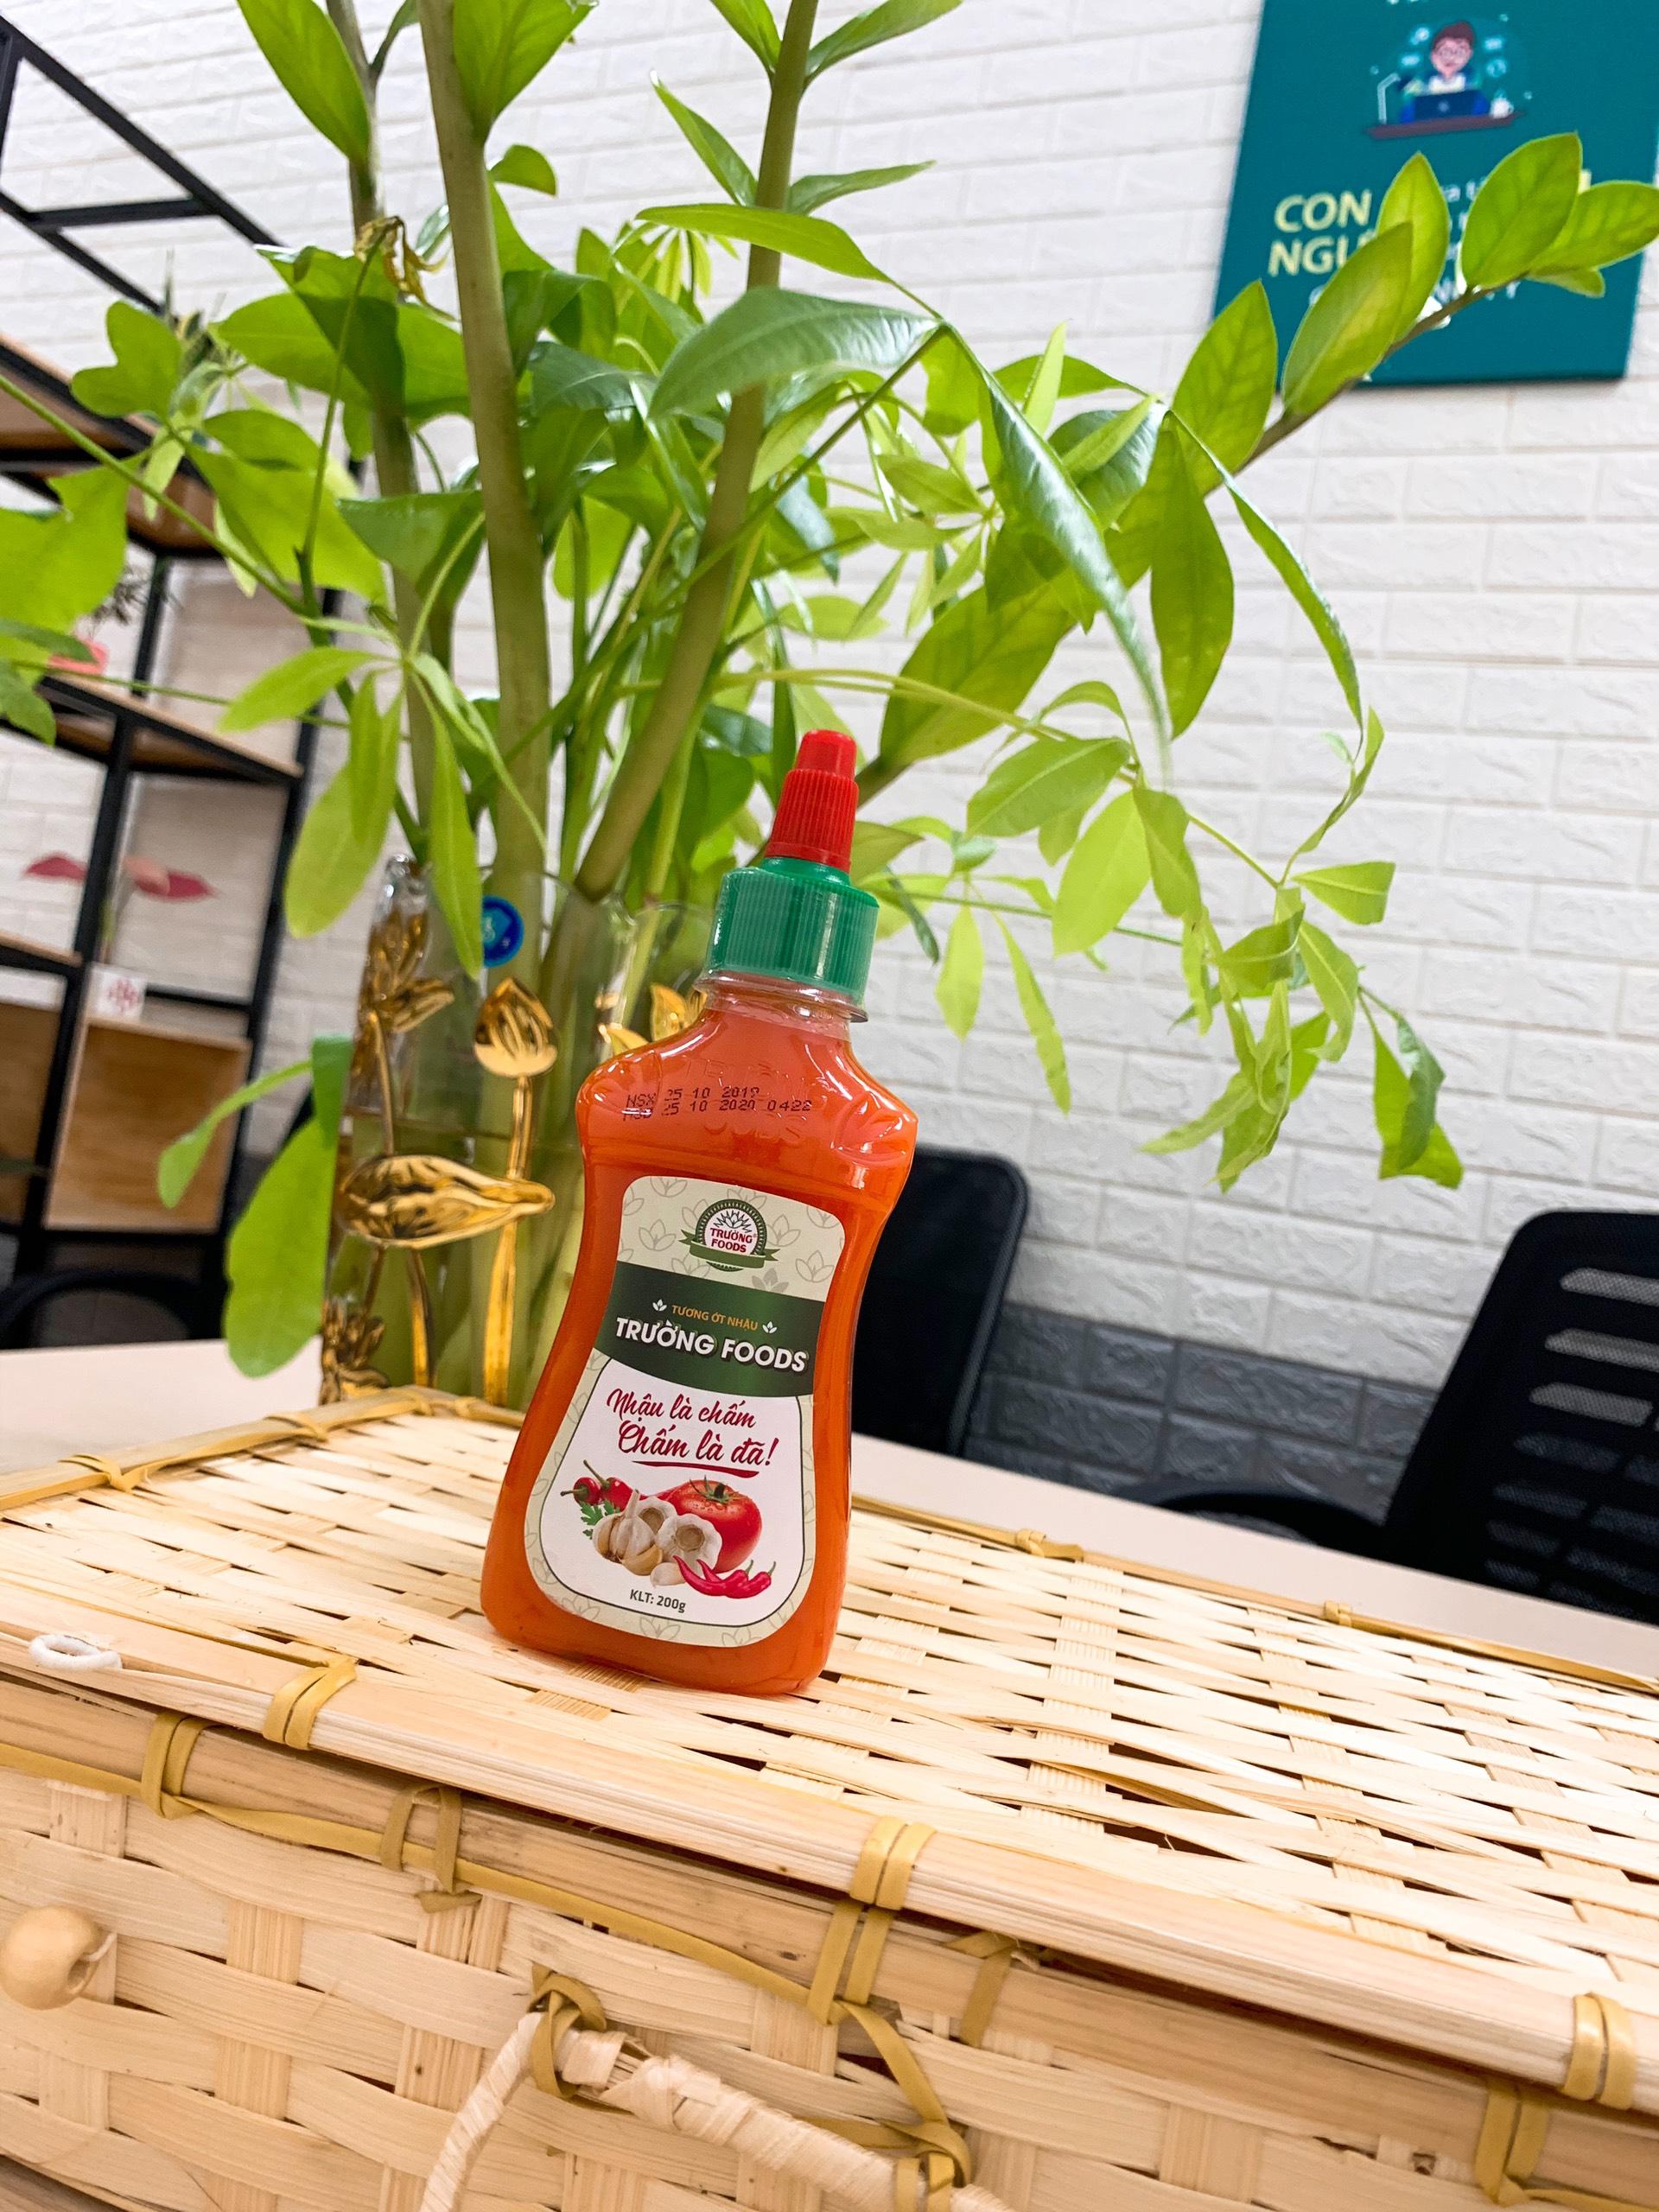 Thịt chua Trường Foods cho ra mắt sản phẩm Tương Ớt Sạch